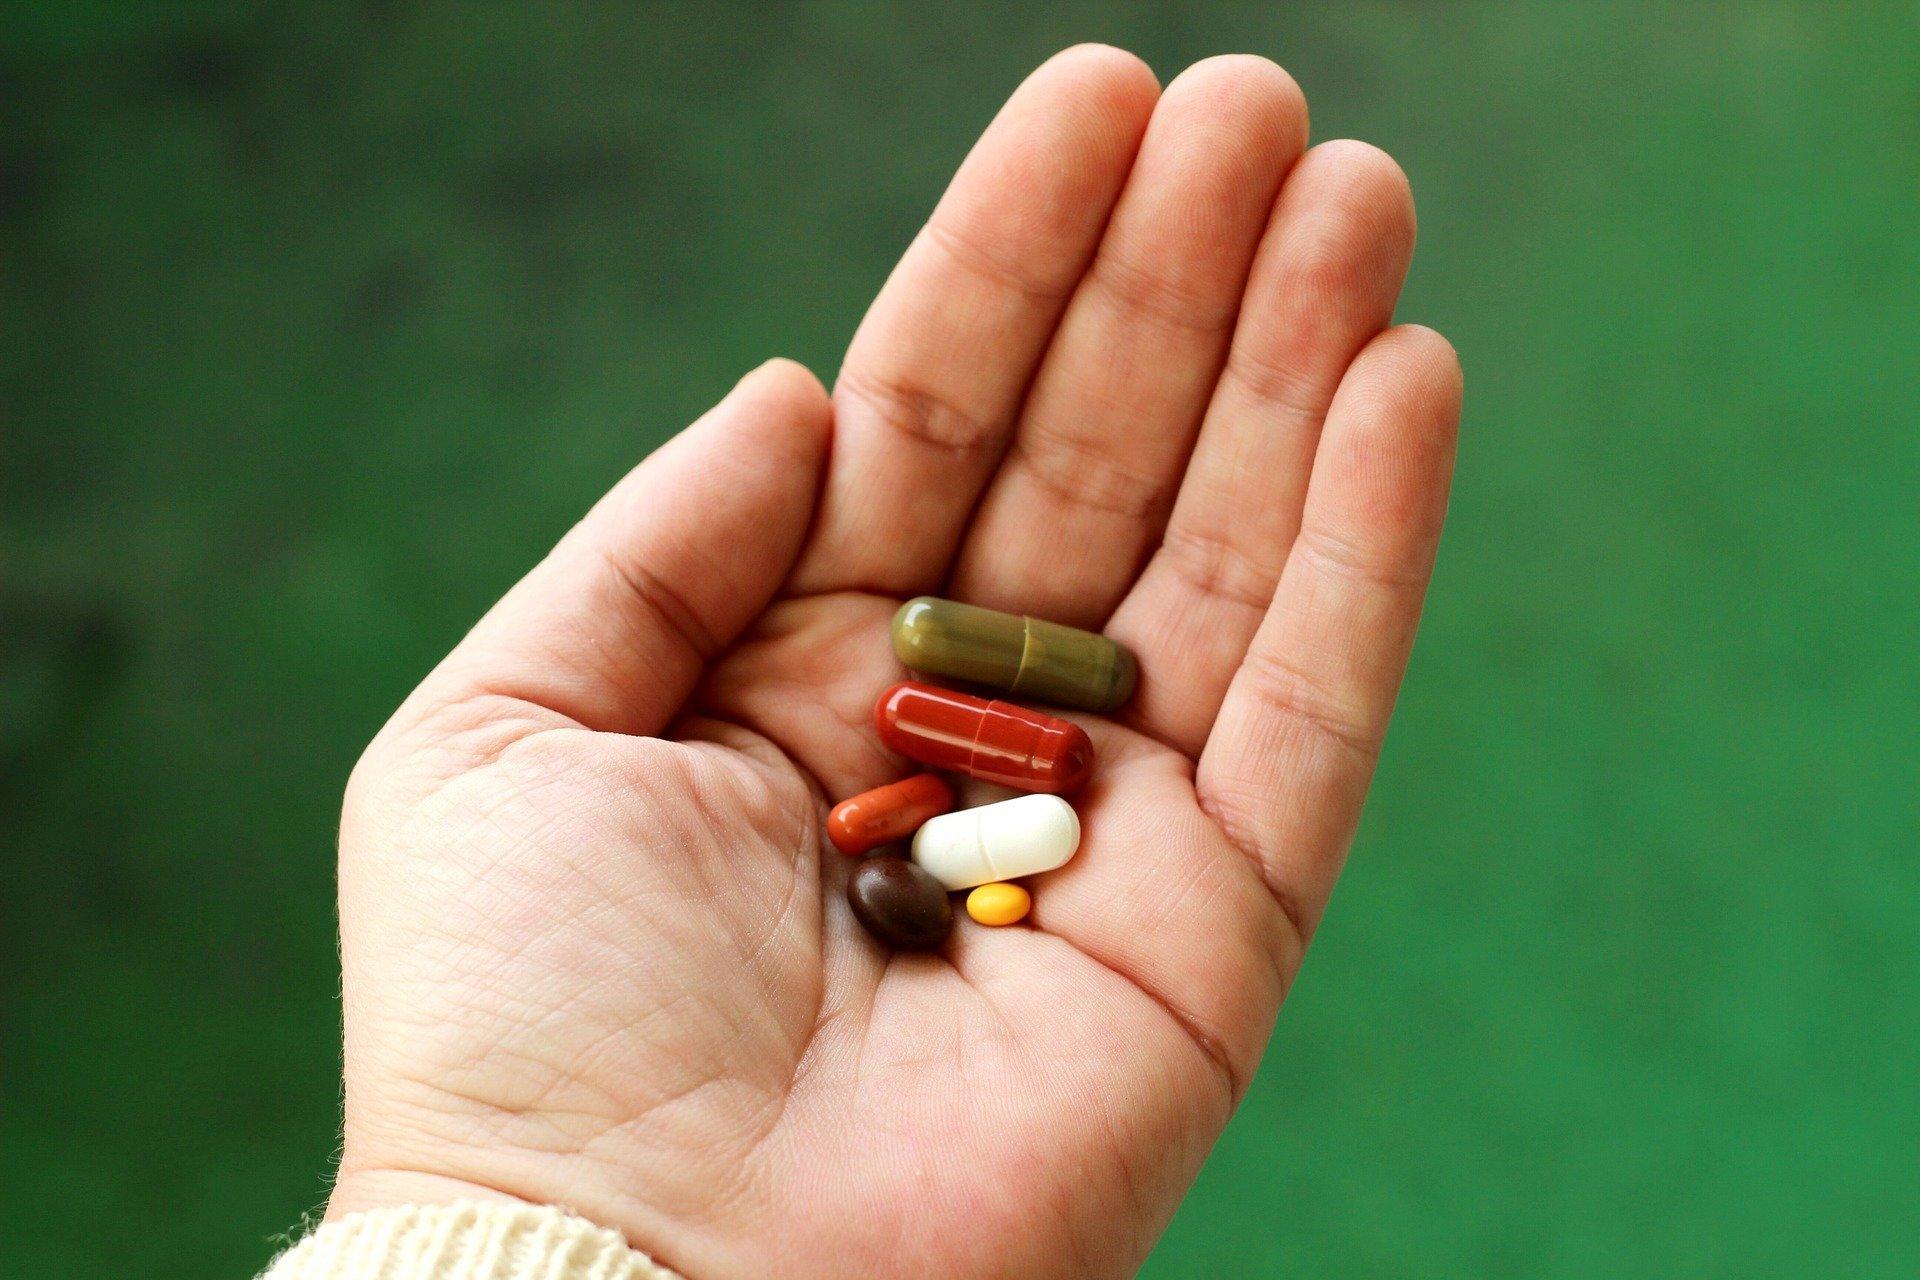 Sind die Offenlegung Gesetze der Heilung für Konflikte geschaffen durch die pharma-Zahlungen an ärzte?